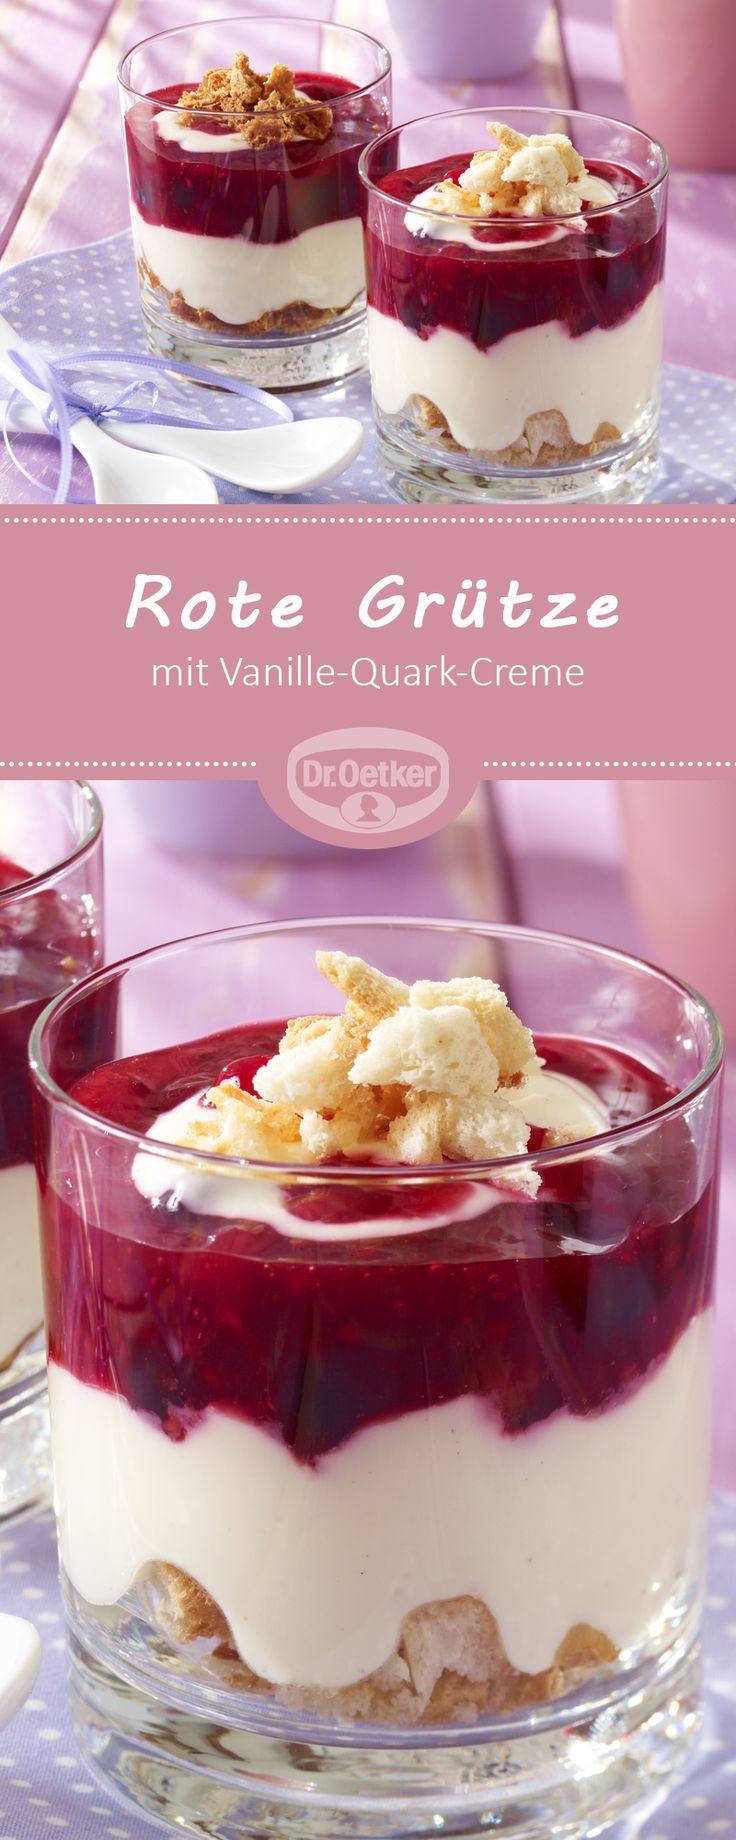 Rote Grütze mit Vanille-Quark-Creme: Der Klassiker Rote Grütze mit Vanillesoße wird zum cremigen Schichtdesssert mit Quark